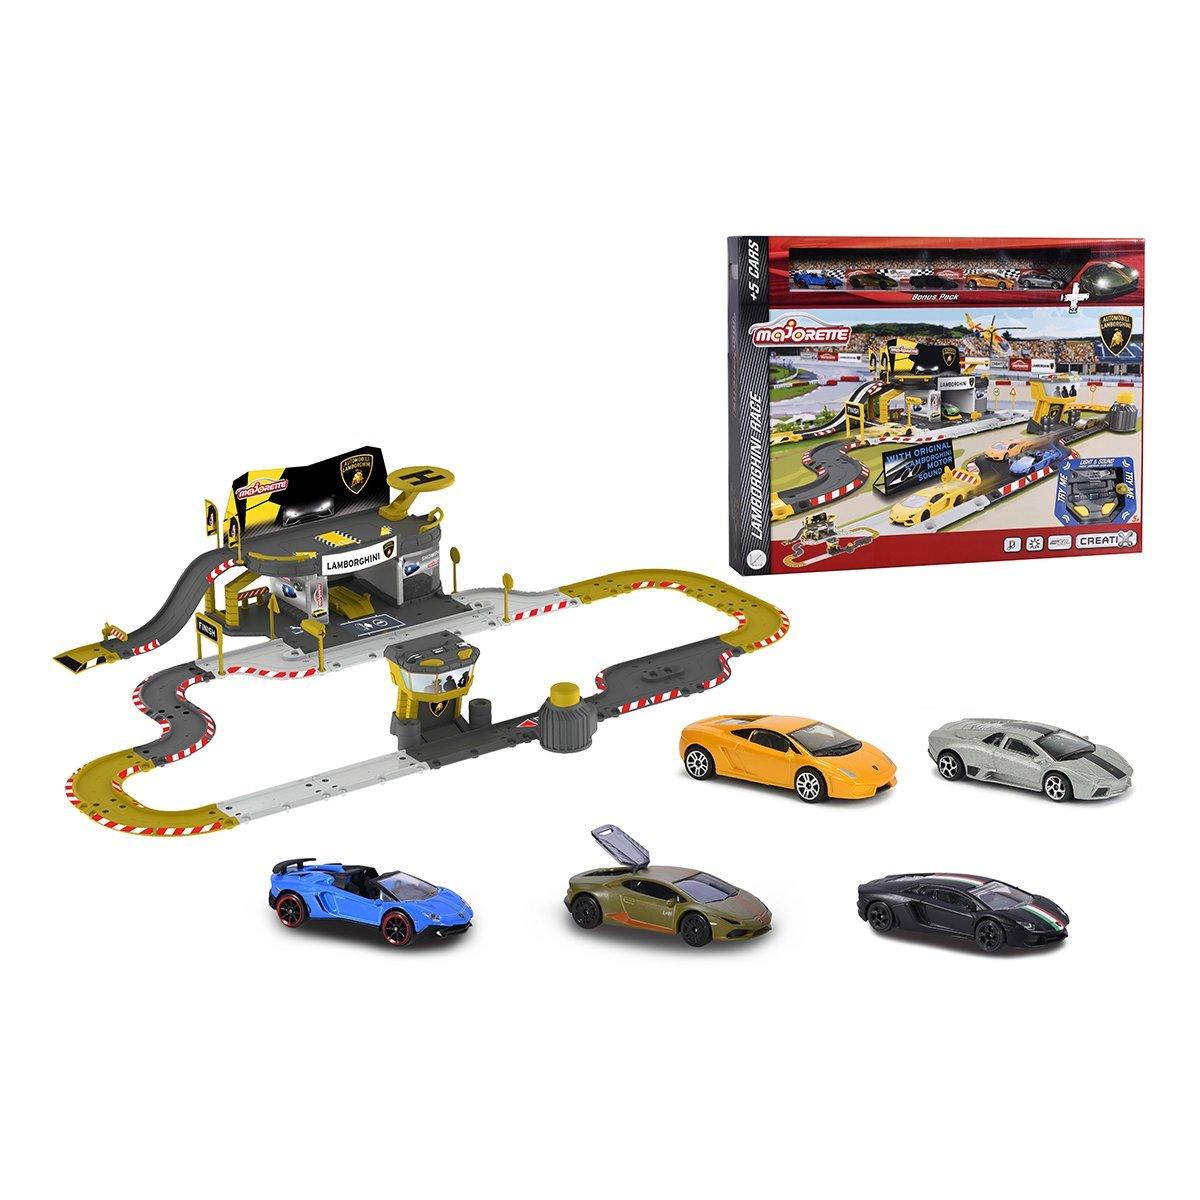 Купить Авто - мото, Игровой набор Majorette Creatix Трасса Ламборгини 2050025 ТМ: Majorette